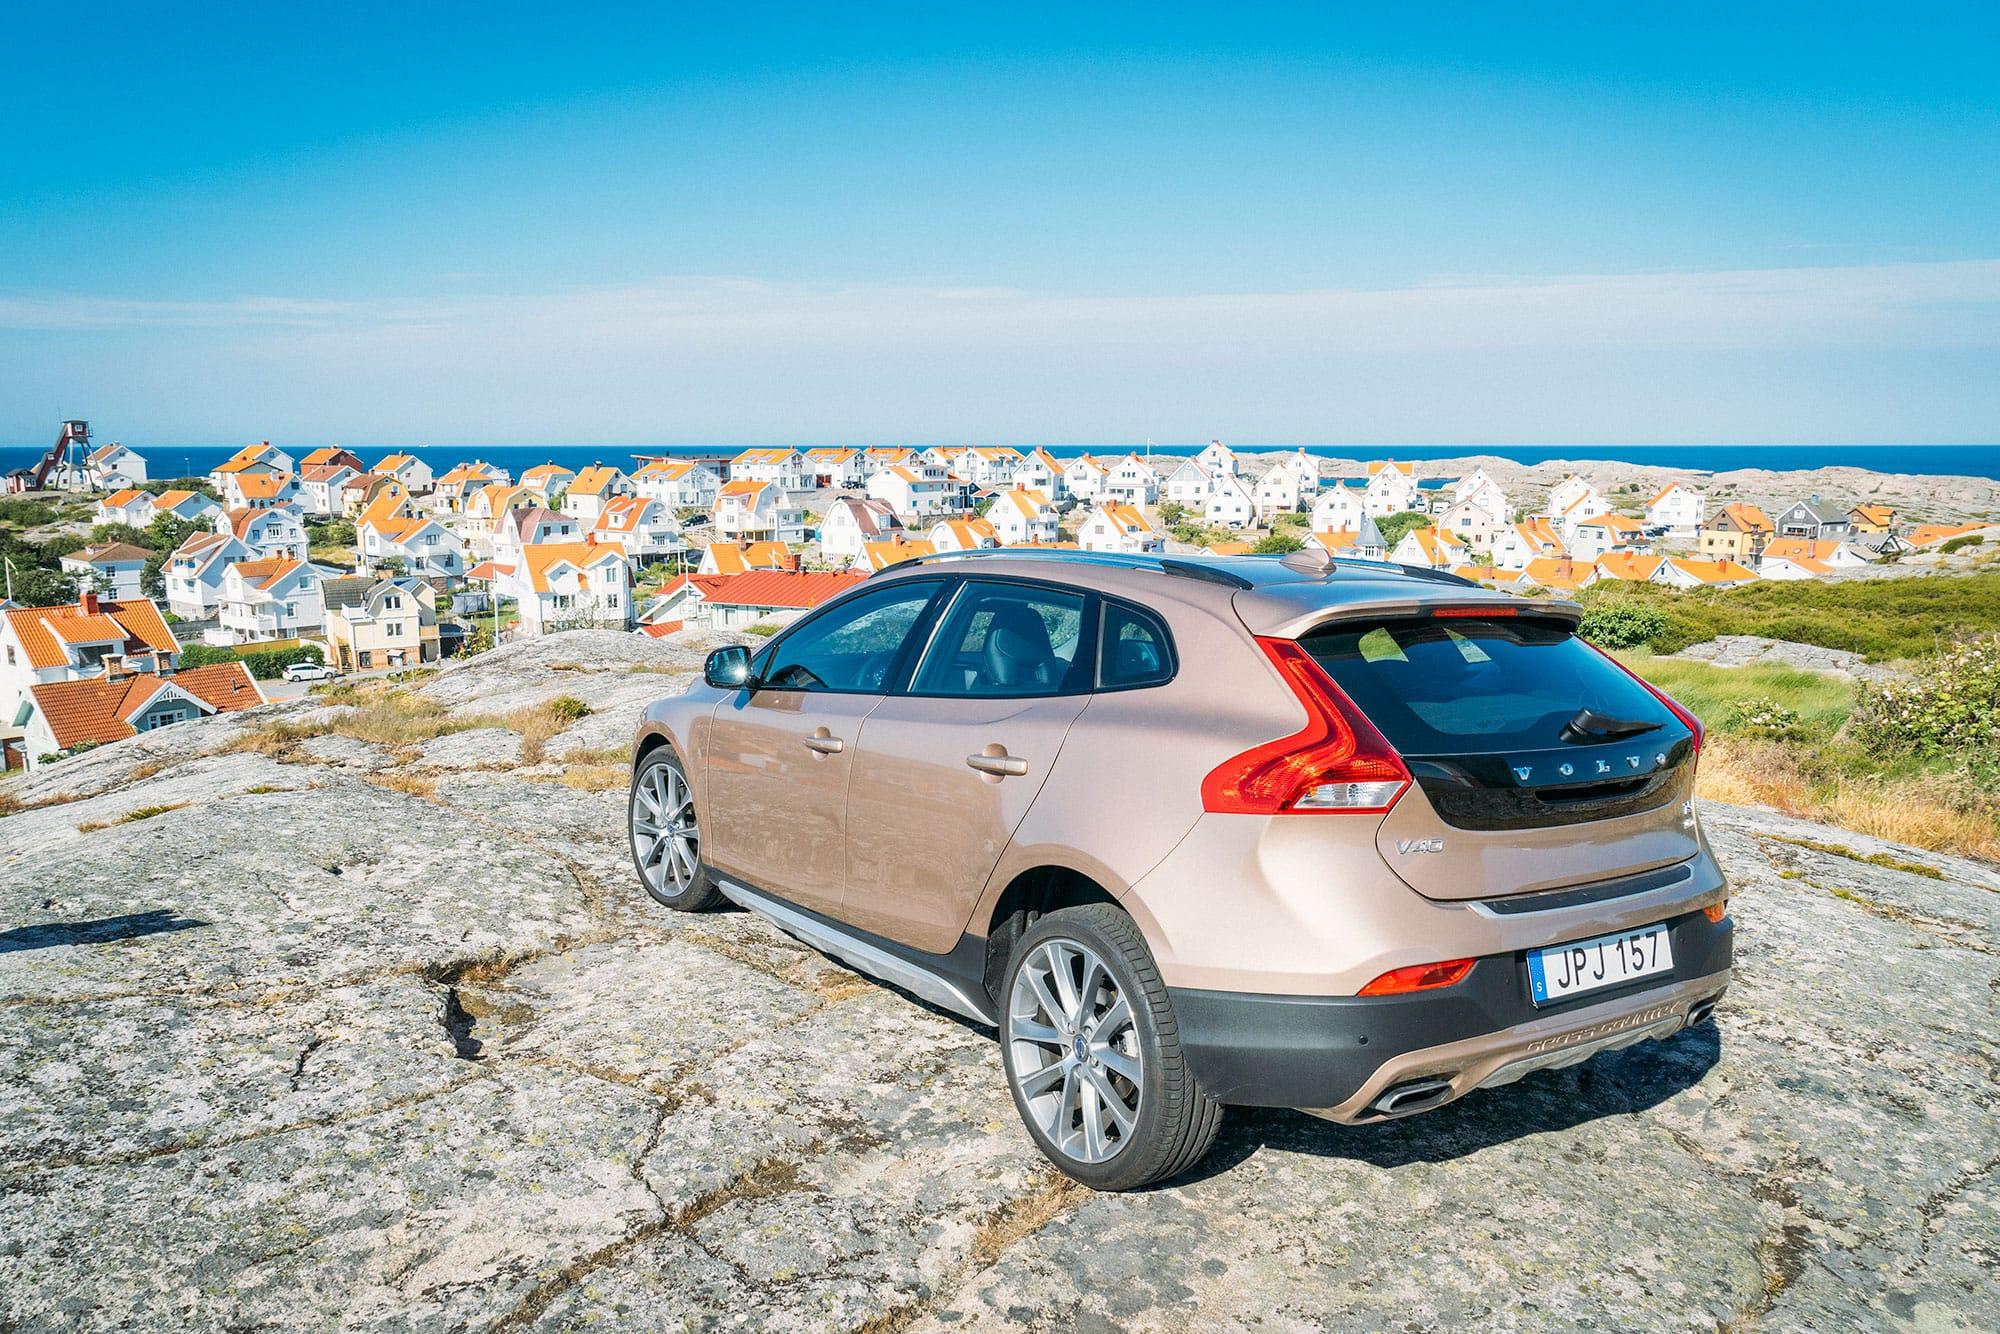 Alquilar un coche en Suecia